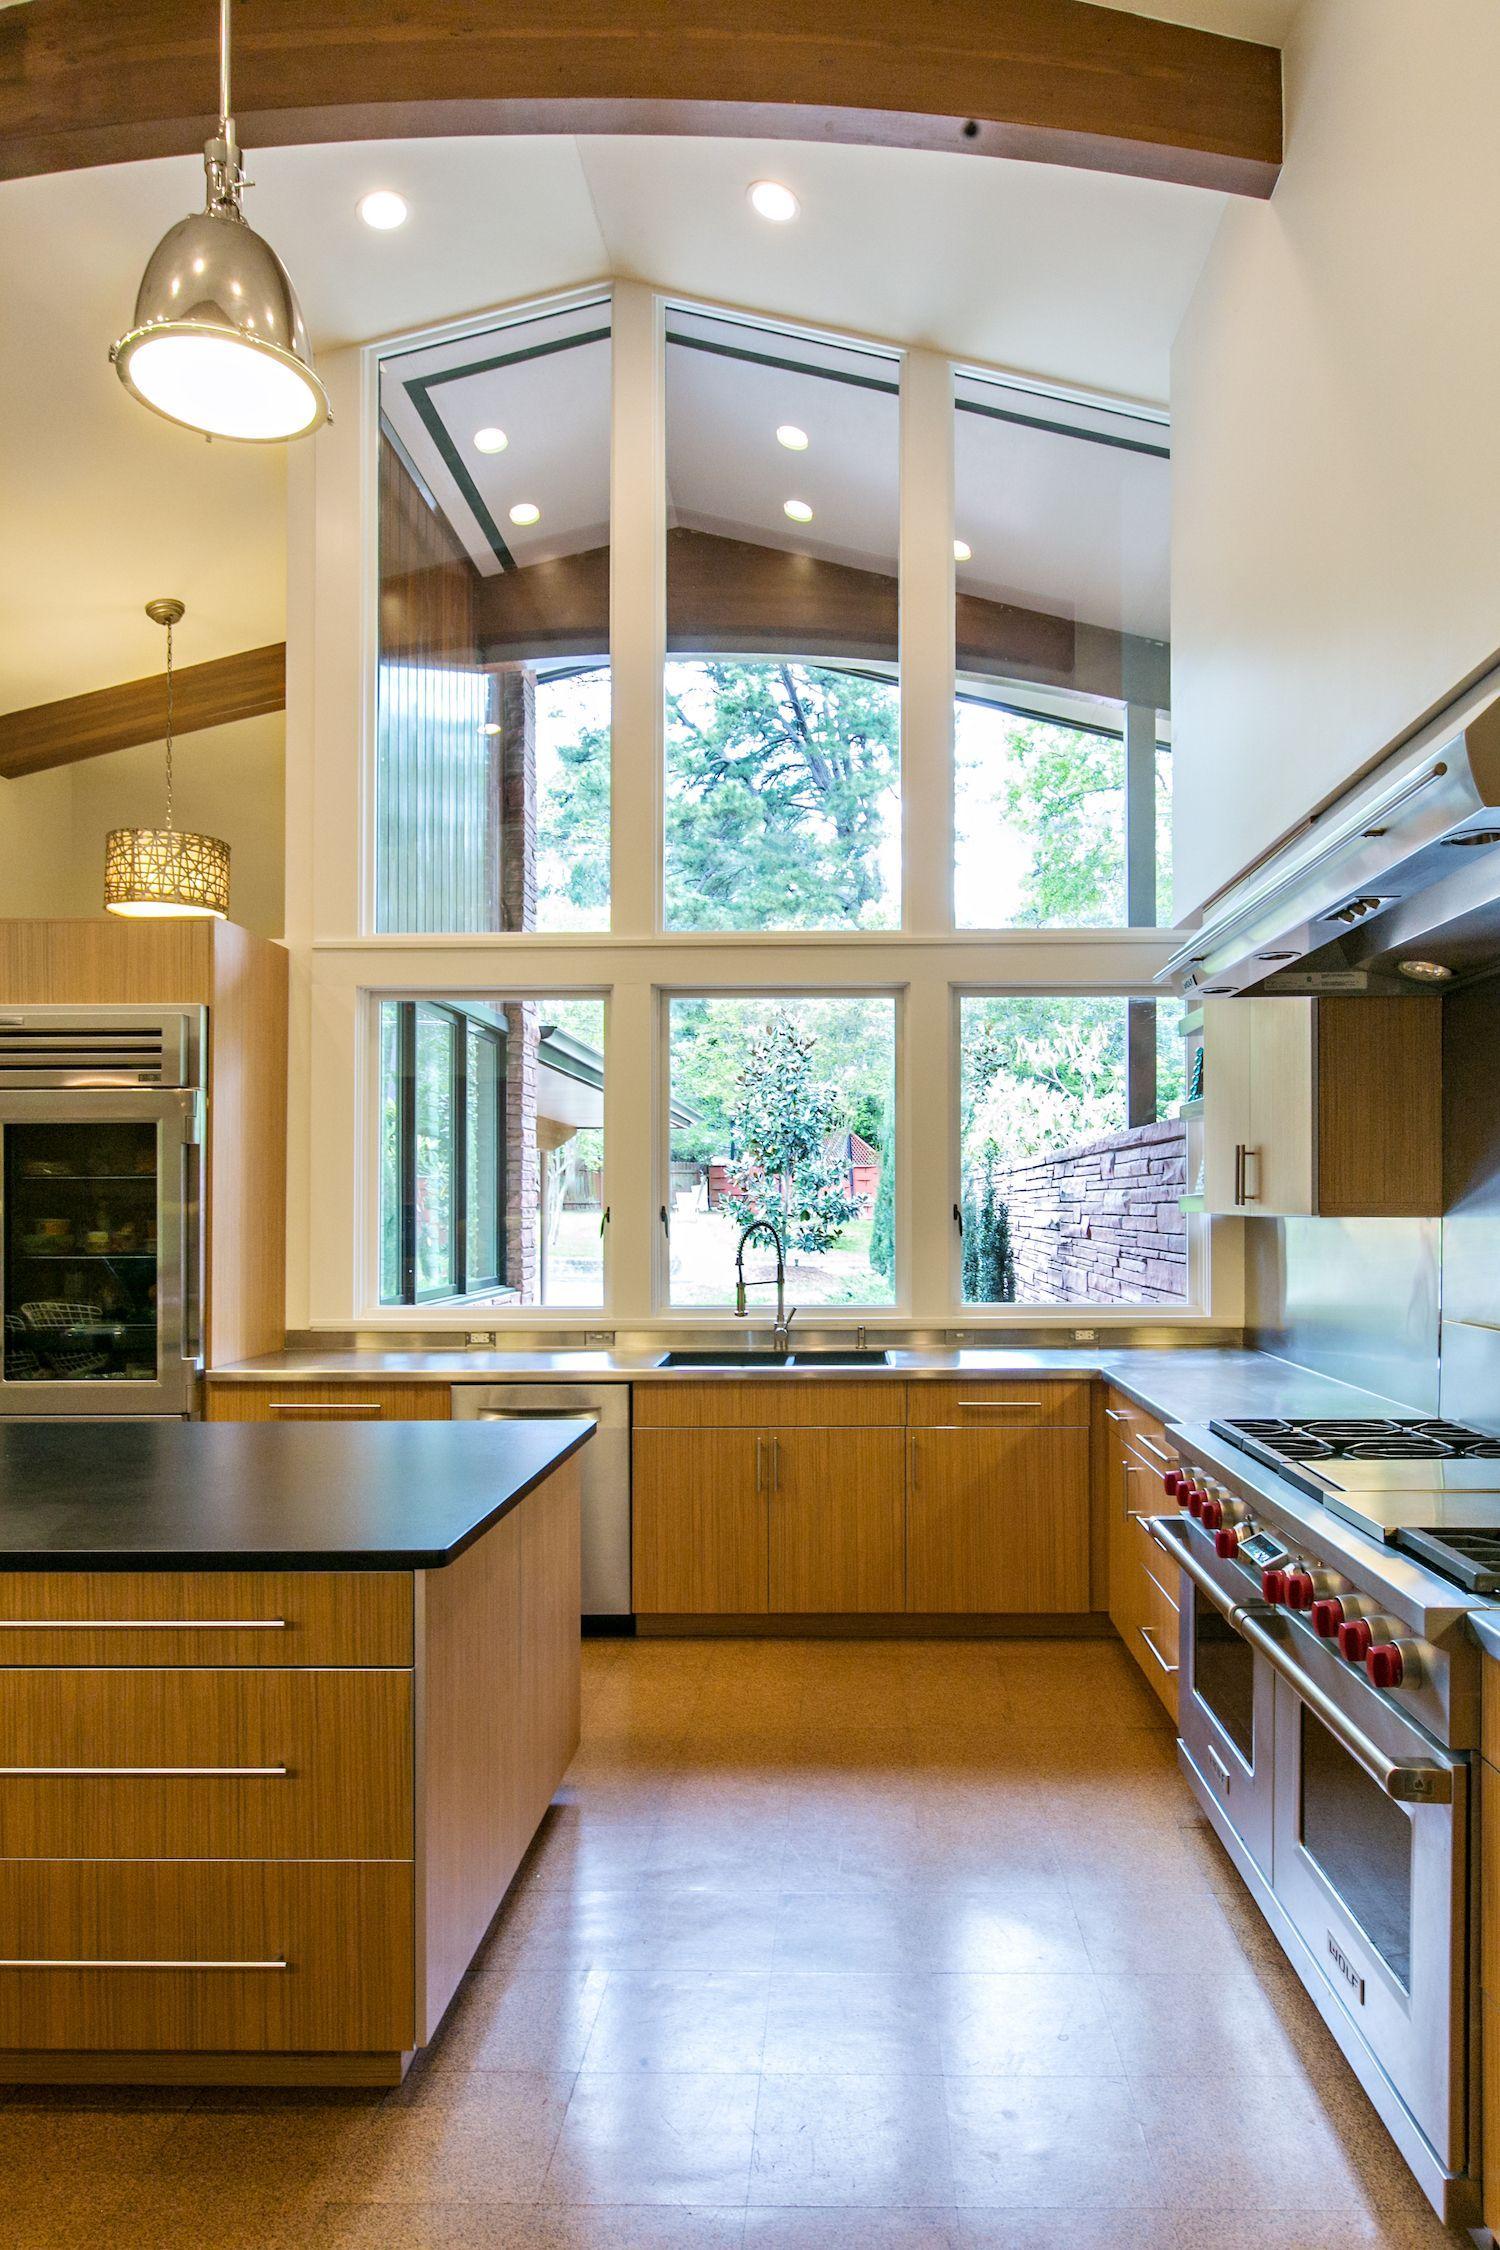 Küchenideen für weiße schränke minimalist kitchen  google search  kitchen design  pinterest